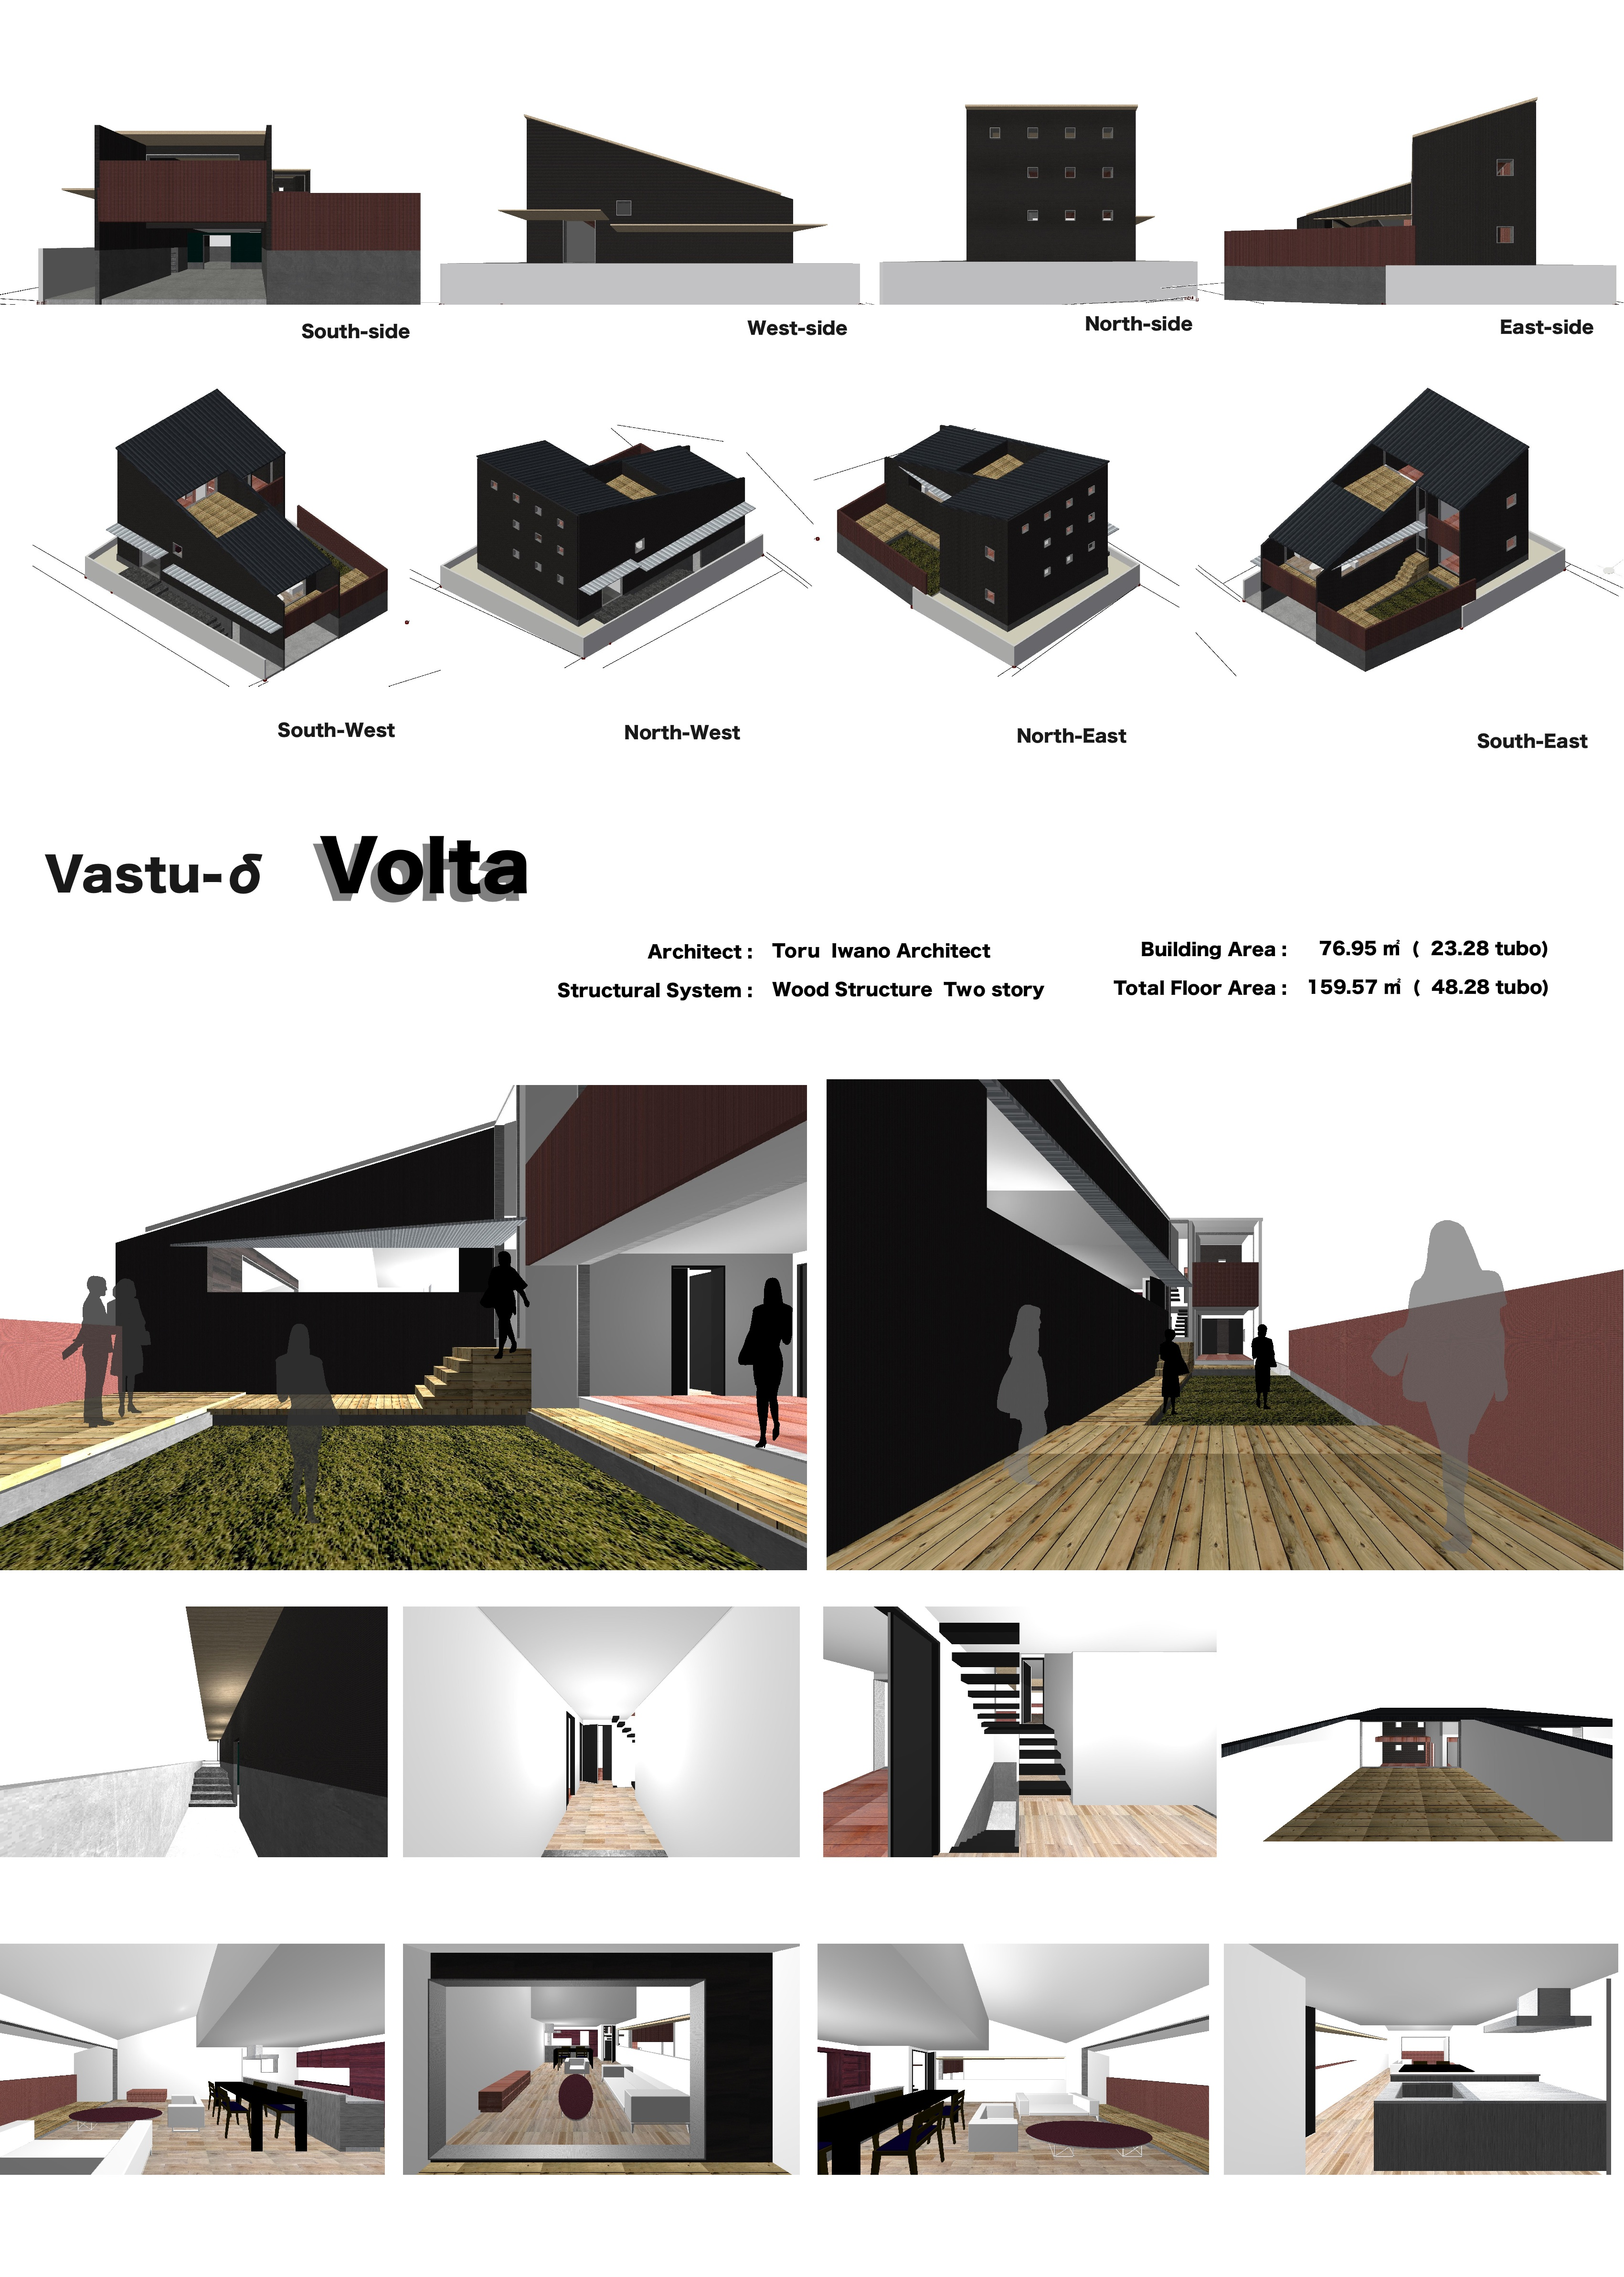 3 Volta